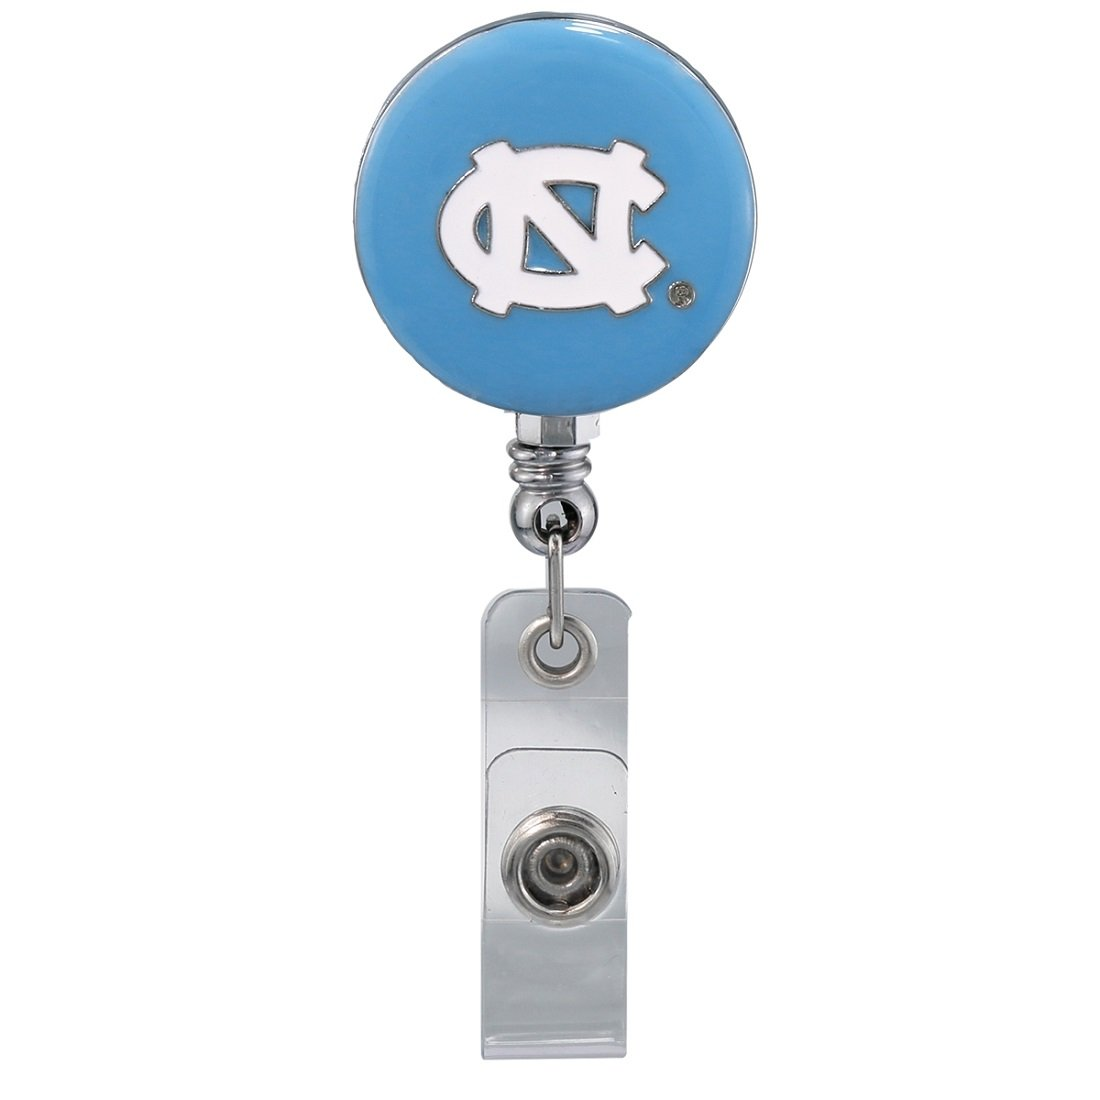 SANDOL University of North Carolina Retractable Badge Reel